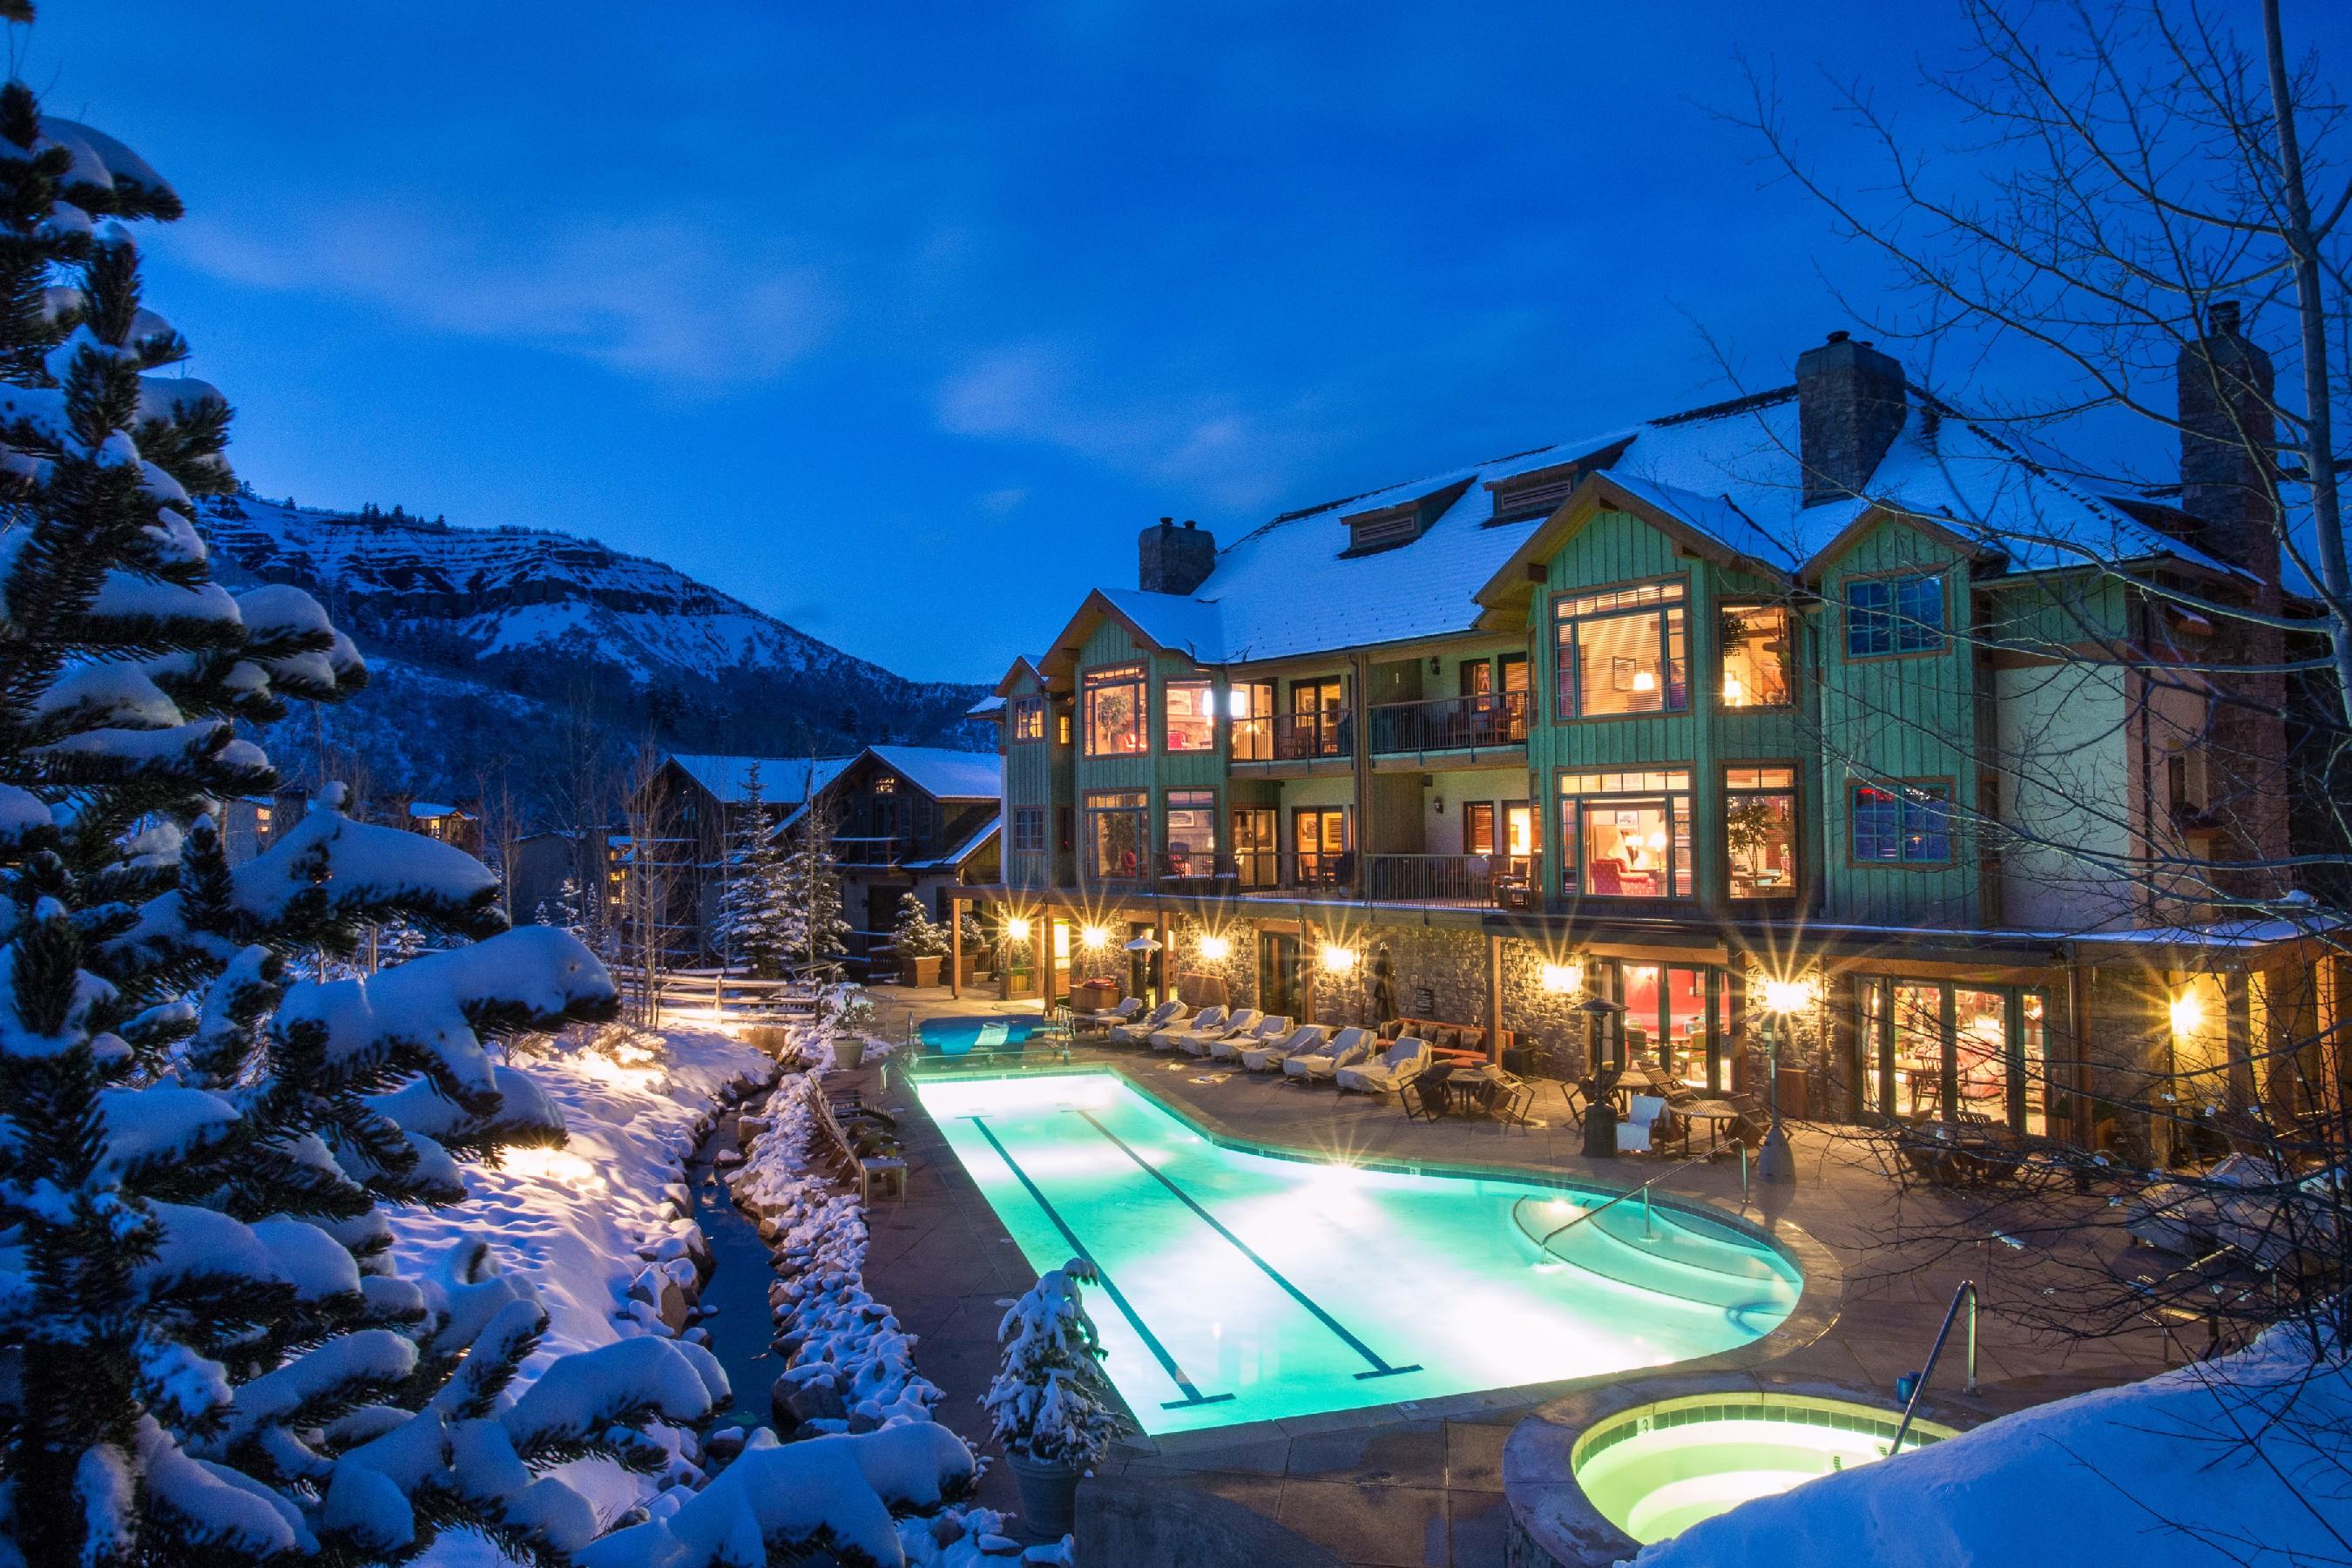 部分所有權 為 出售 在 The Timbers Club 115 Timbers Club Court B1-I Snowmass Village, 科羅拉多州, 81615 美國